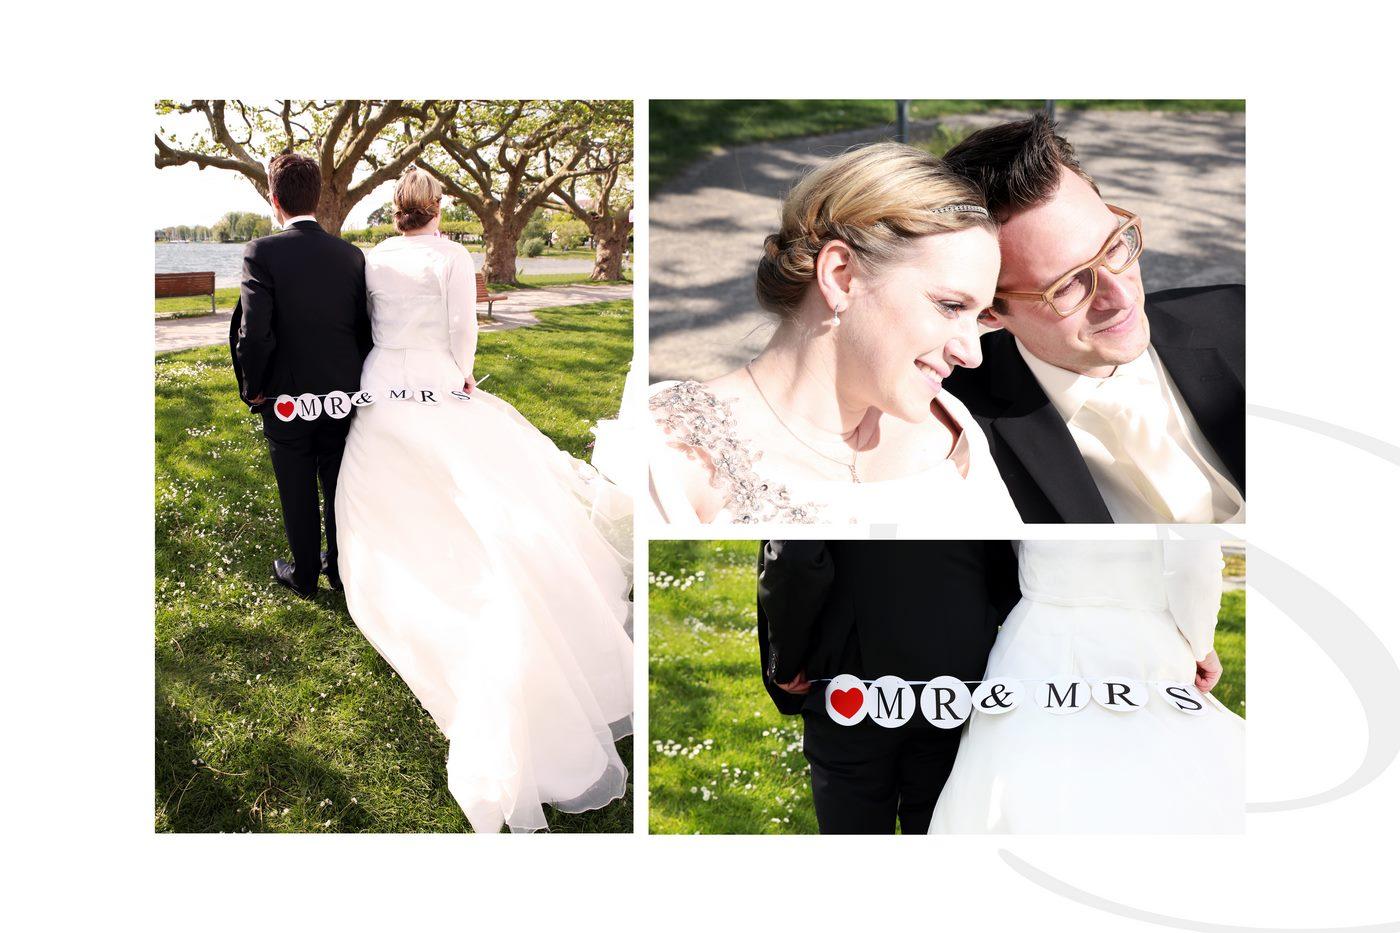 Brautpaarshooting als Collage mit Mr und Mrs Schild